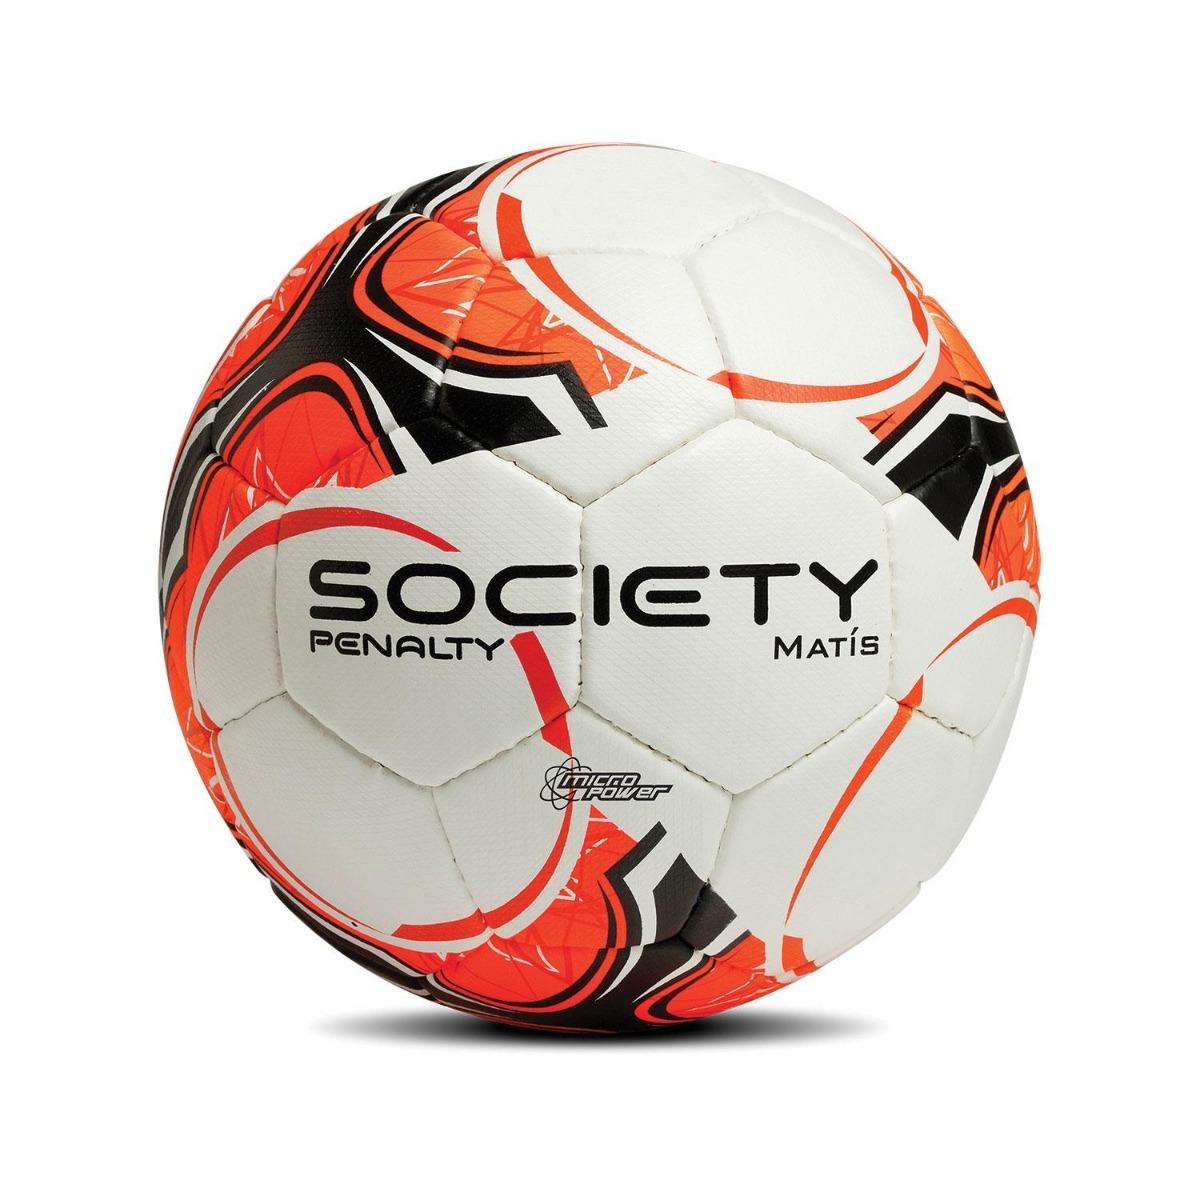 97a4904946 Bola Penalty De Futebol Society Matis C câmara - R  118